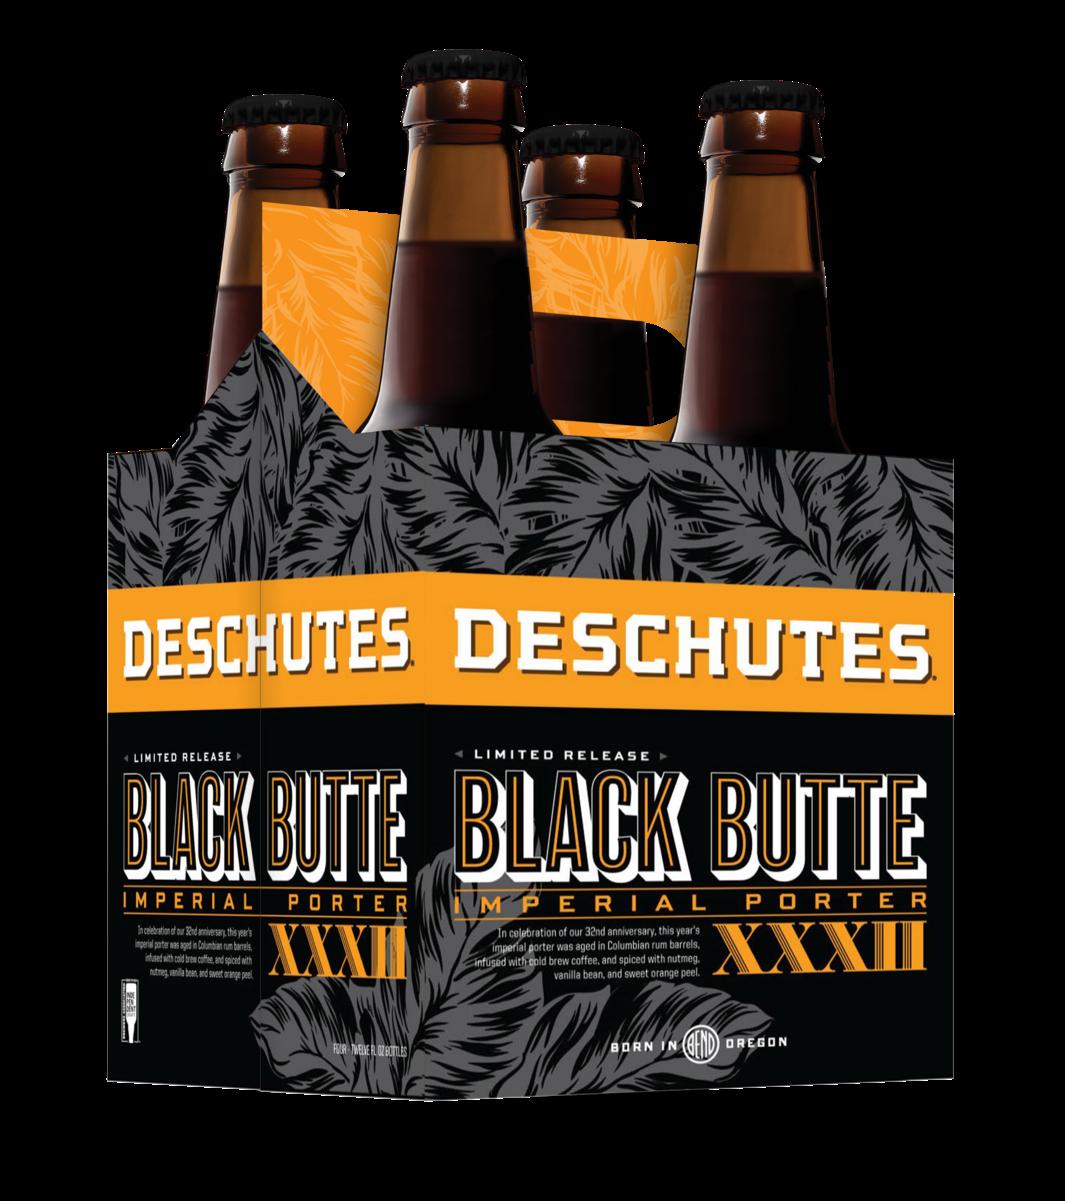 Deschutes Brewery Black Butte XXXII